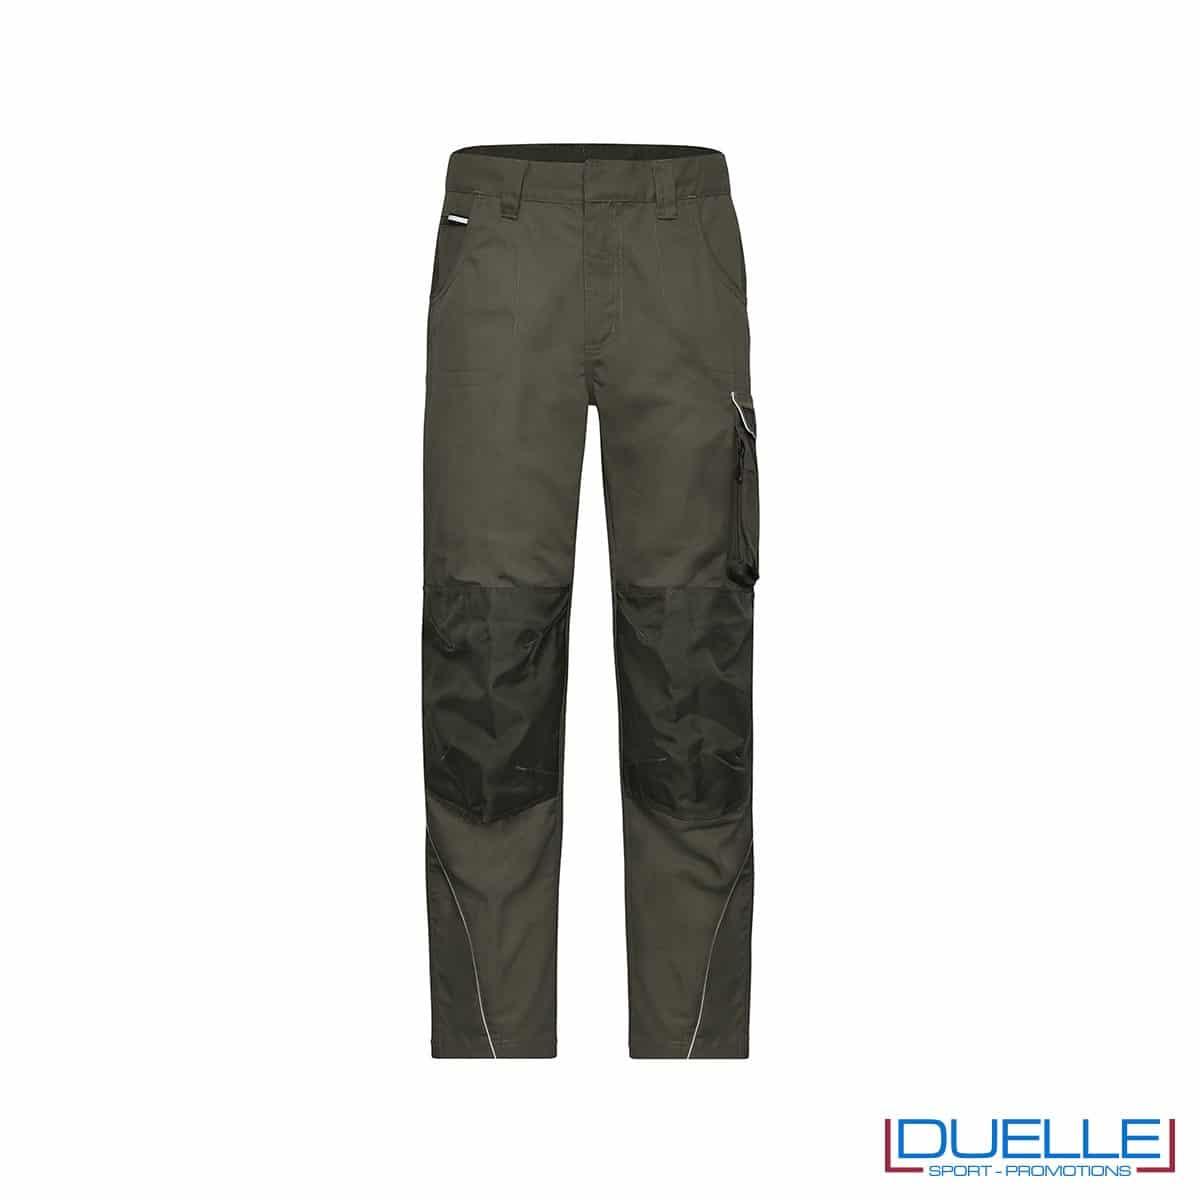 pantalone lungo da lavoro personalizzato in colore verde oliva